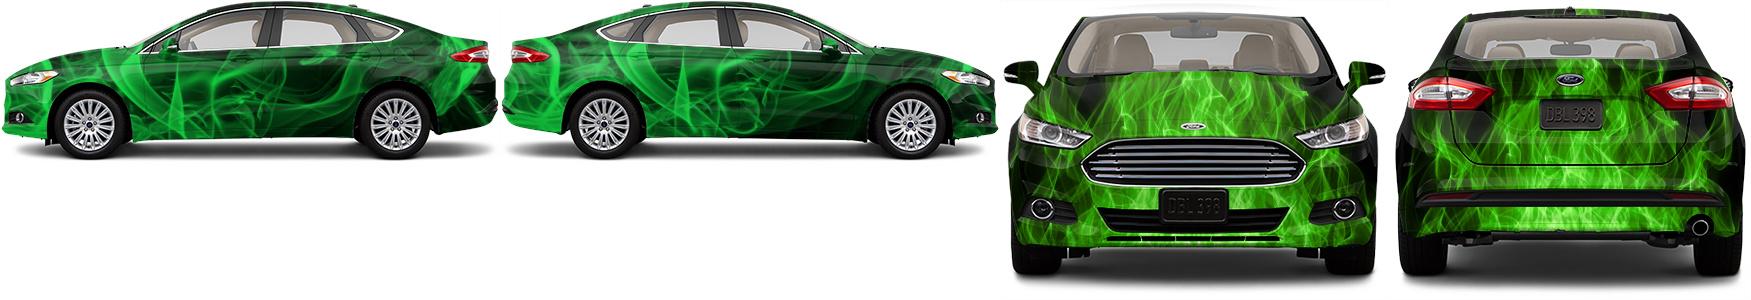 Sedan Wrap #52916